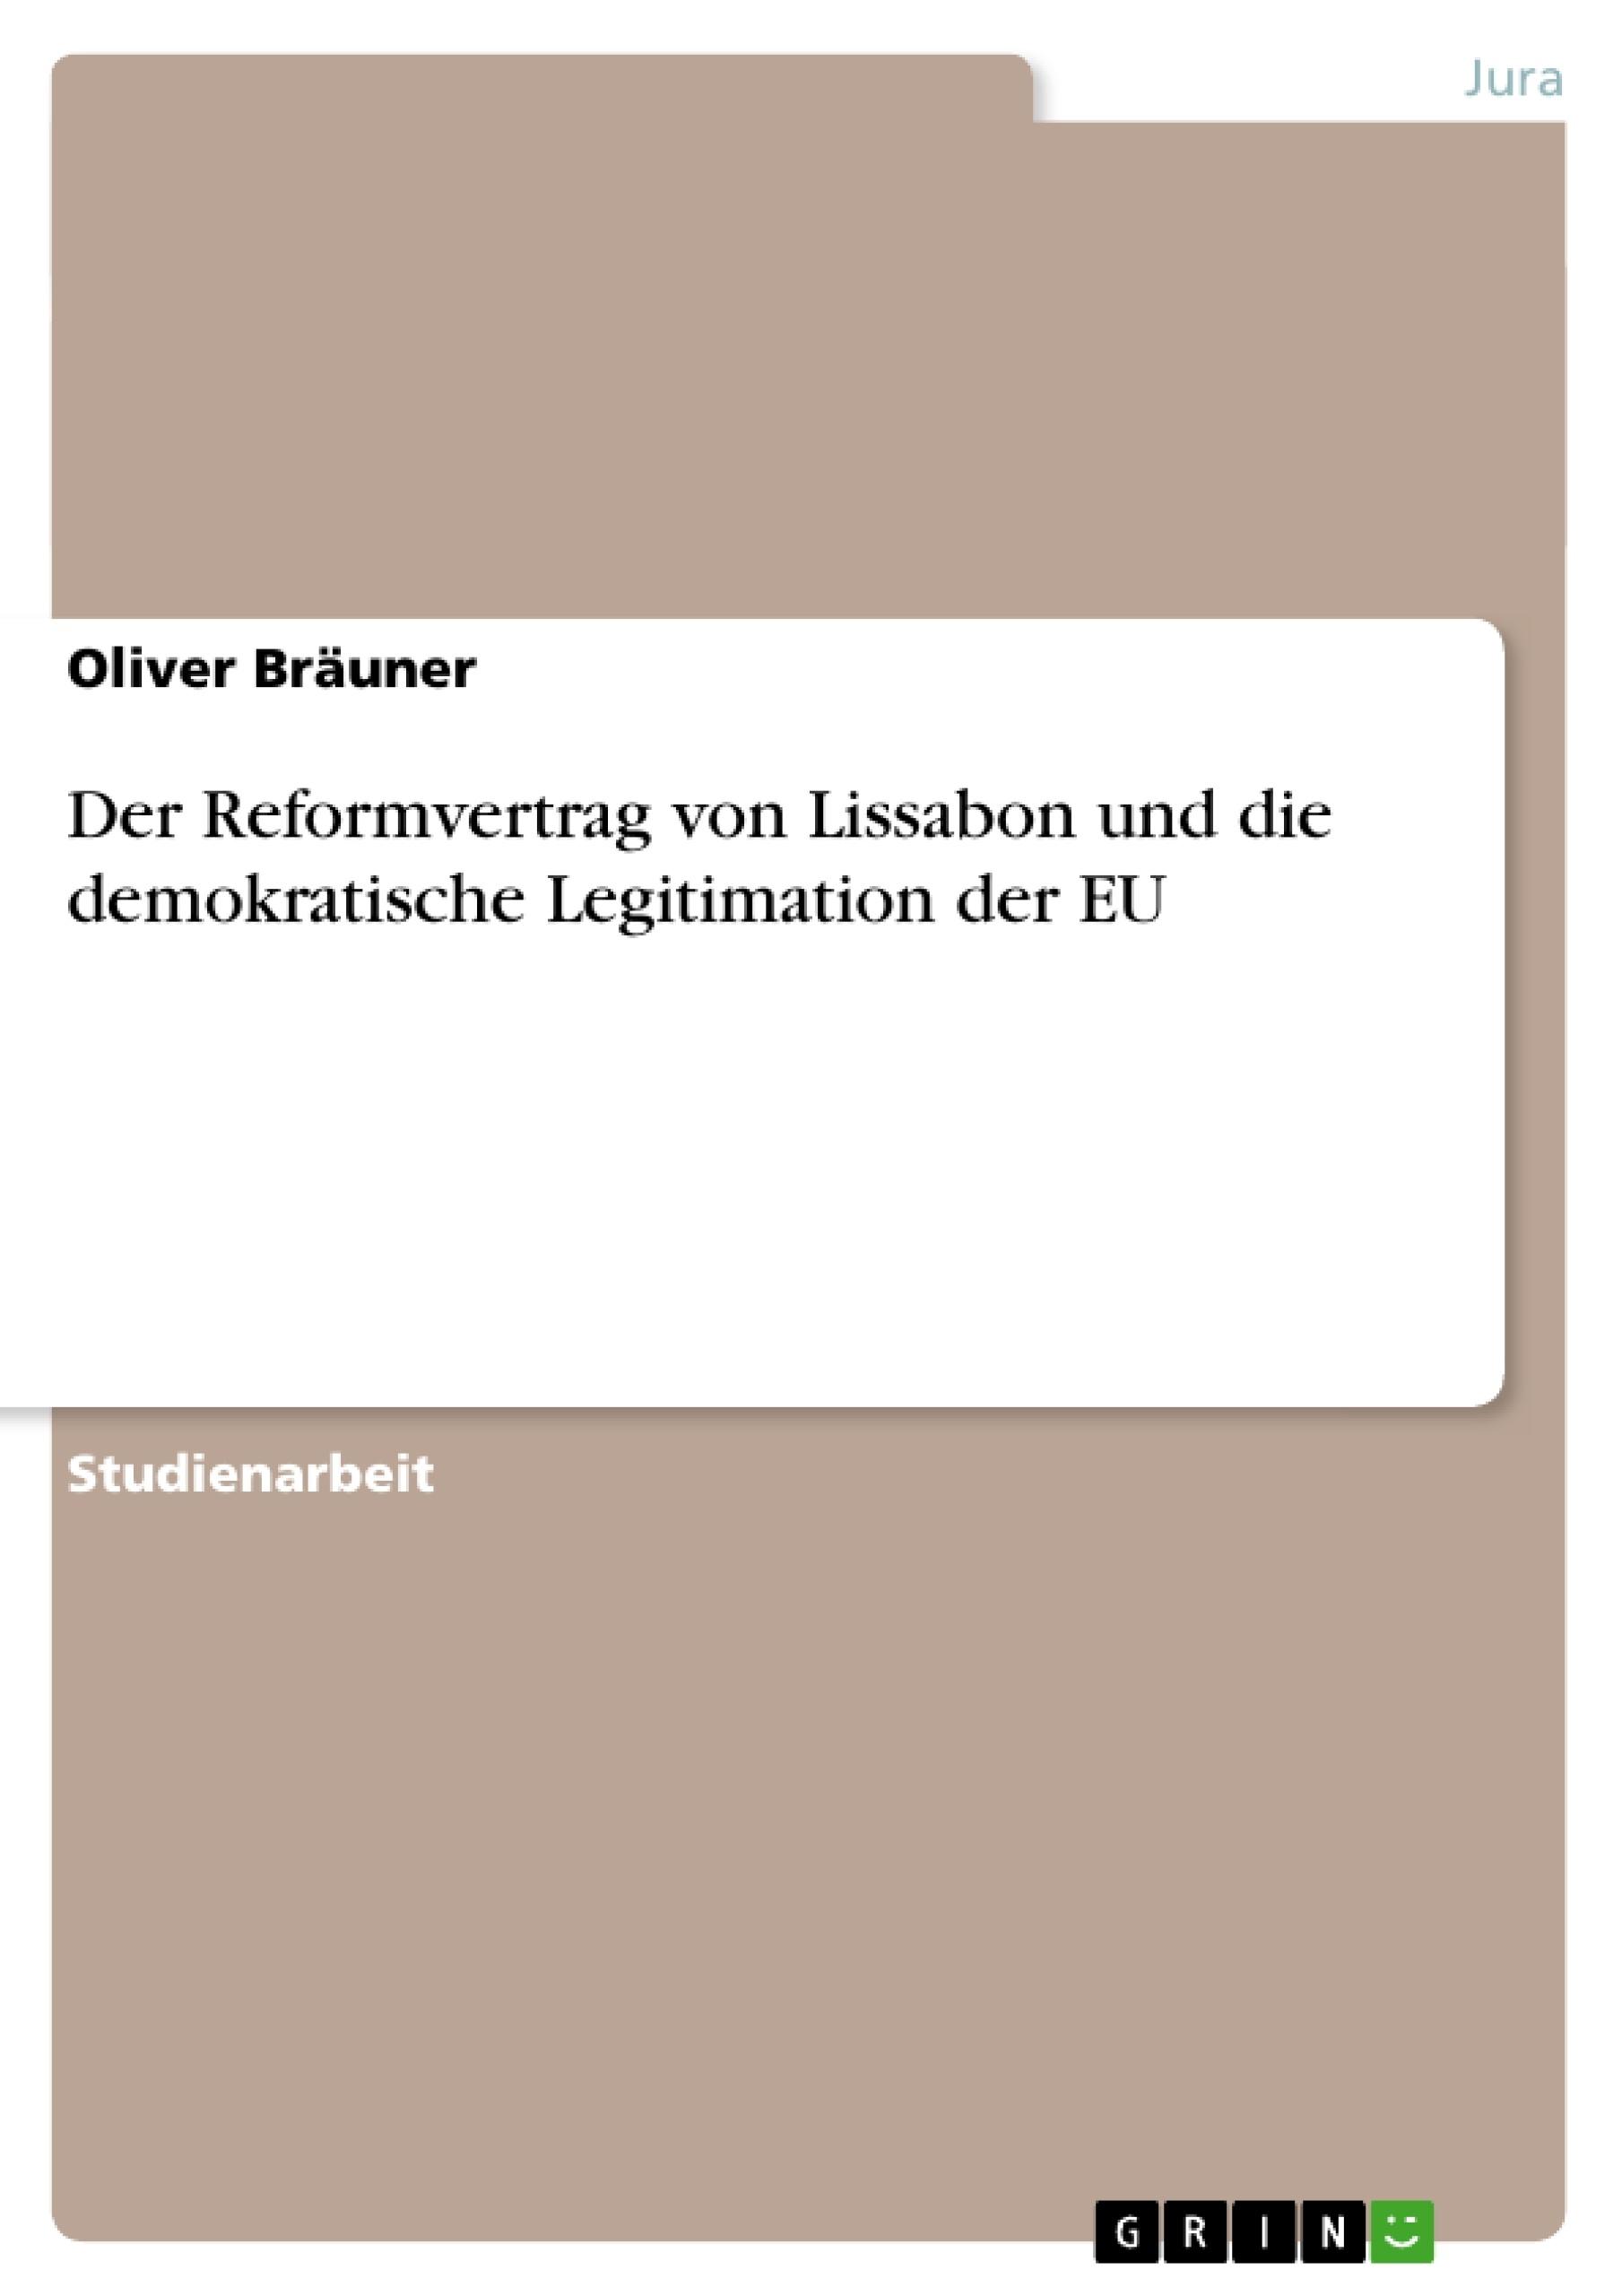 Titel: Der Reformvertrag von Lissabon und die demokratische Legitimation der EU